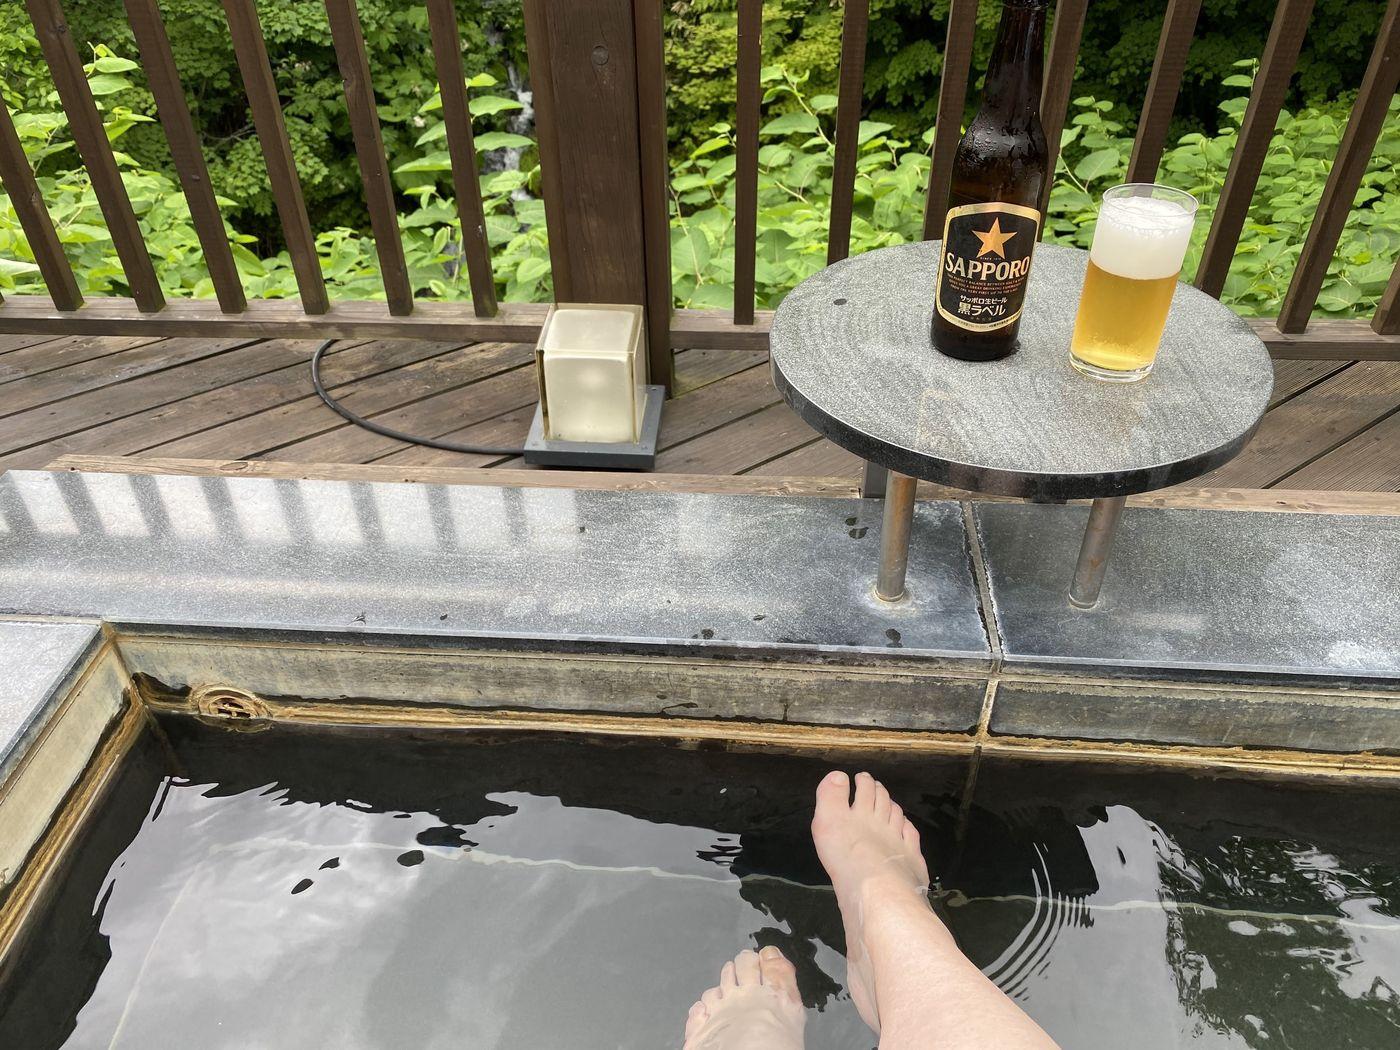 【ニセコ】客室露天風呂でリラックス!森の中の高級温泉宿「ニセコ昆布温泉 鶴雅別荘 杢の抄」の画像